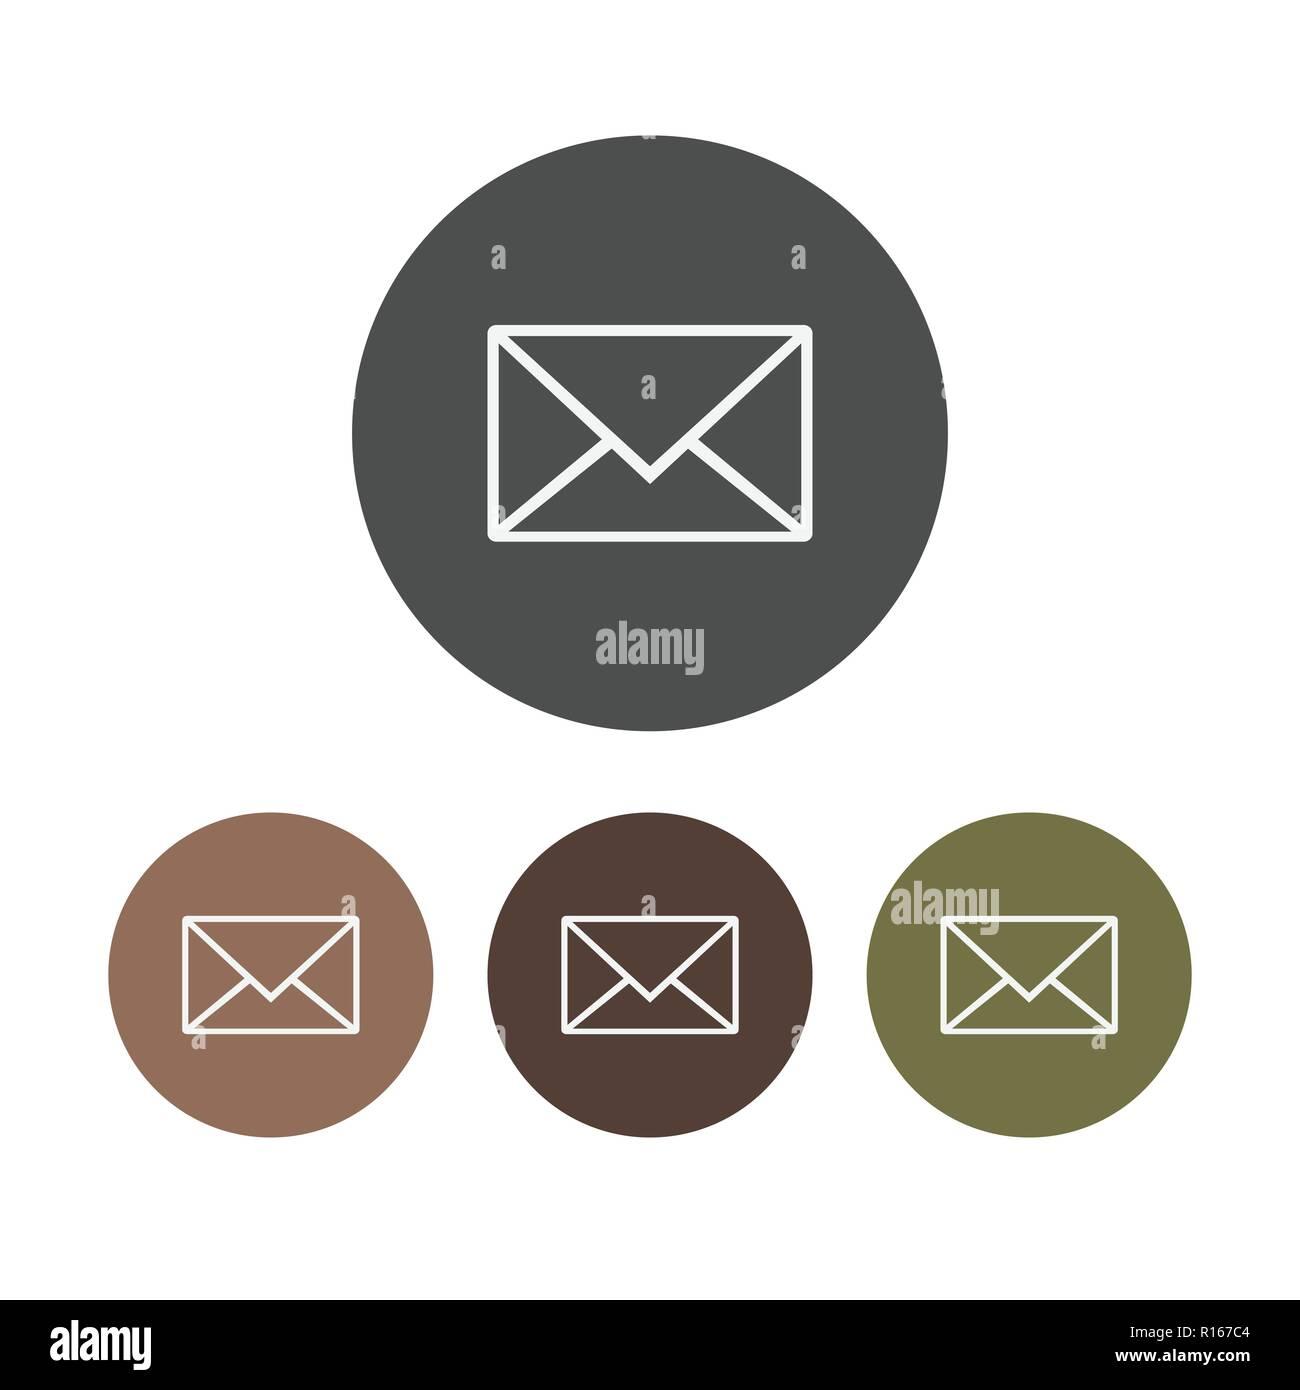 Icona di messaggio, e-mail, lettera segno, vettore illustrazione piana. Set. Immagini Stock